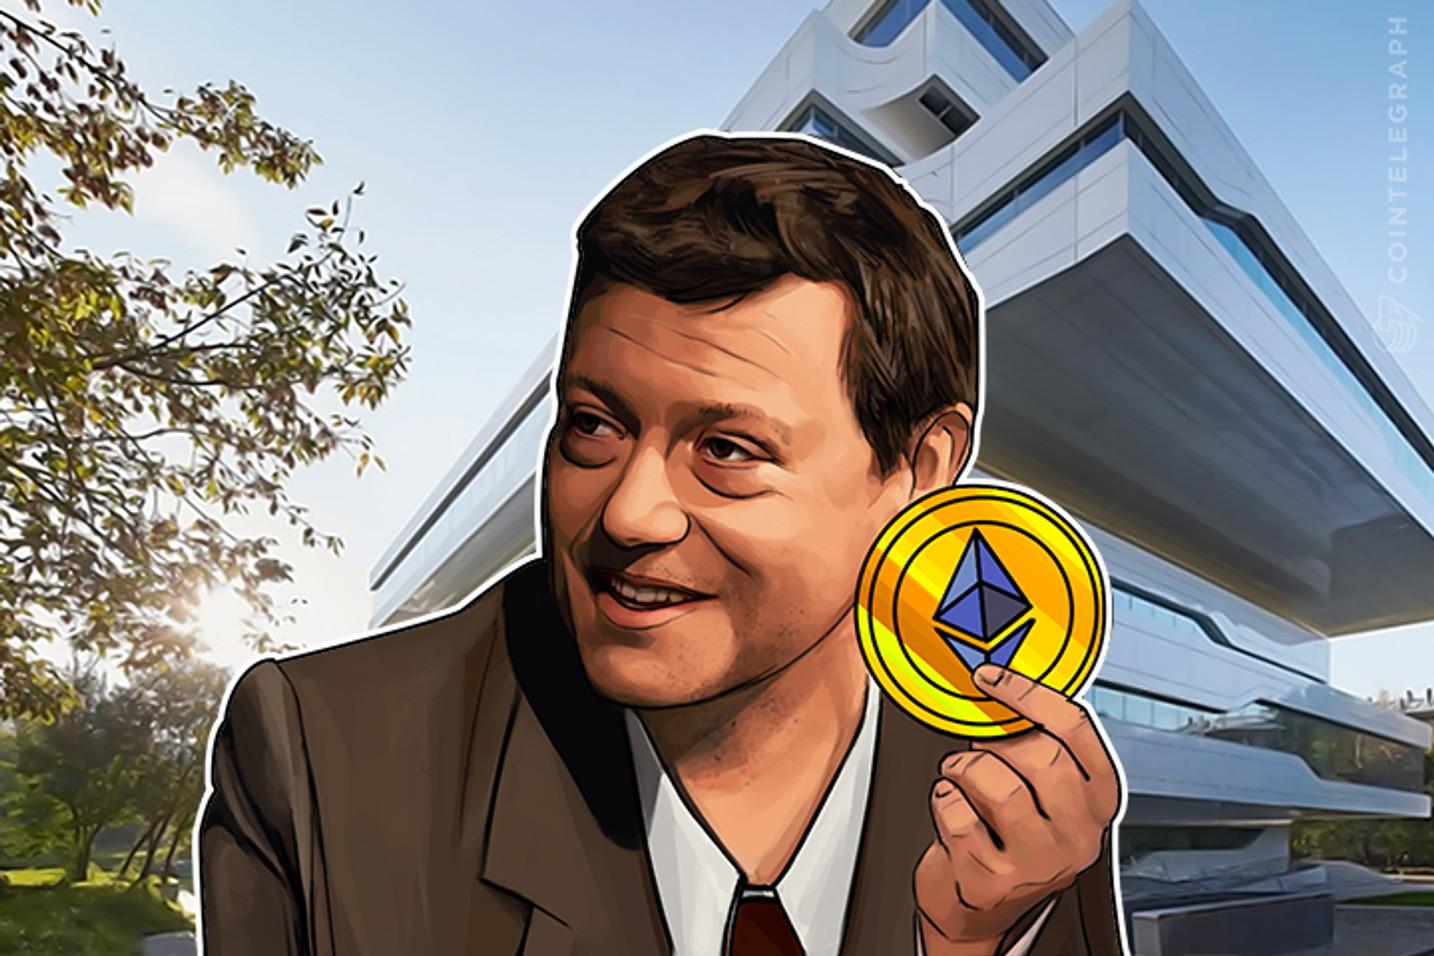 Proeminente capitalista de risco compartilha dicas sobre investimentos em Bitcoin e Ethereum